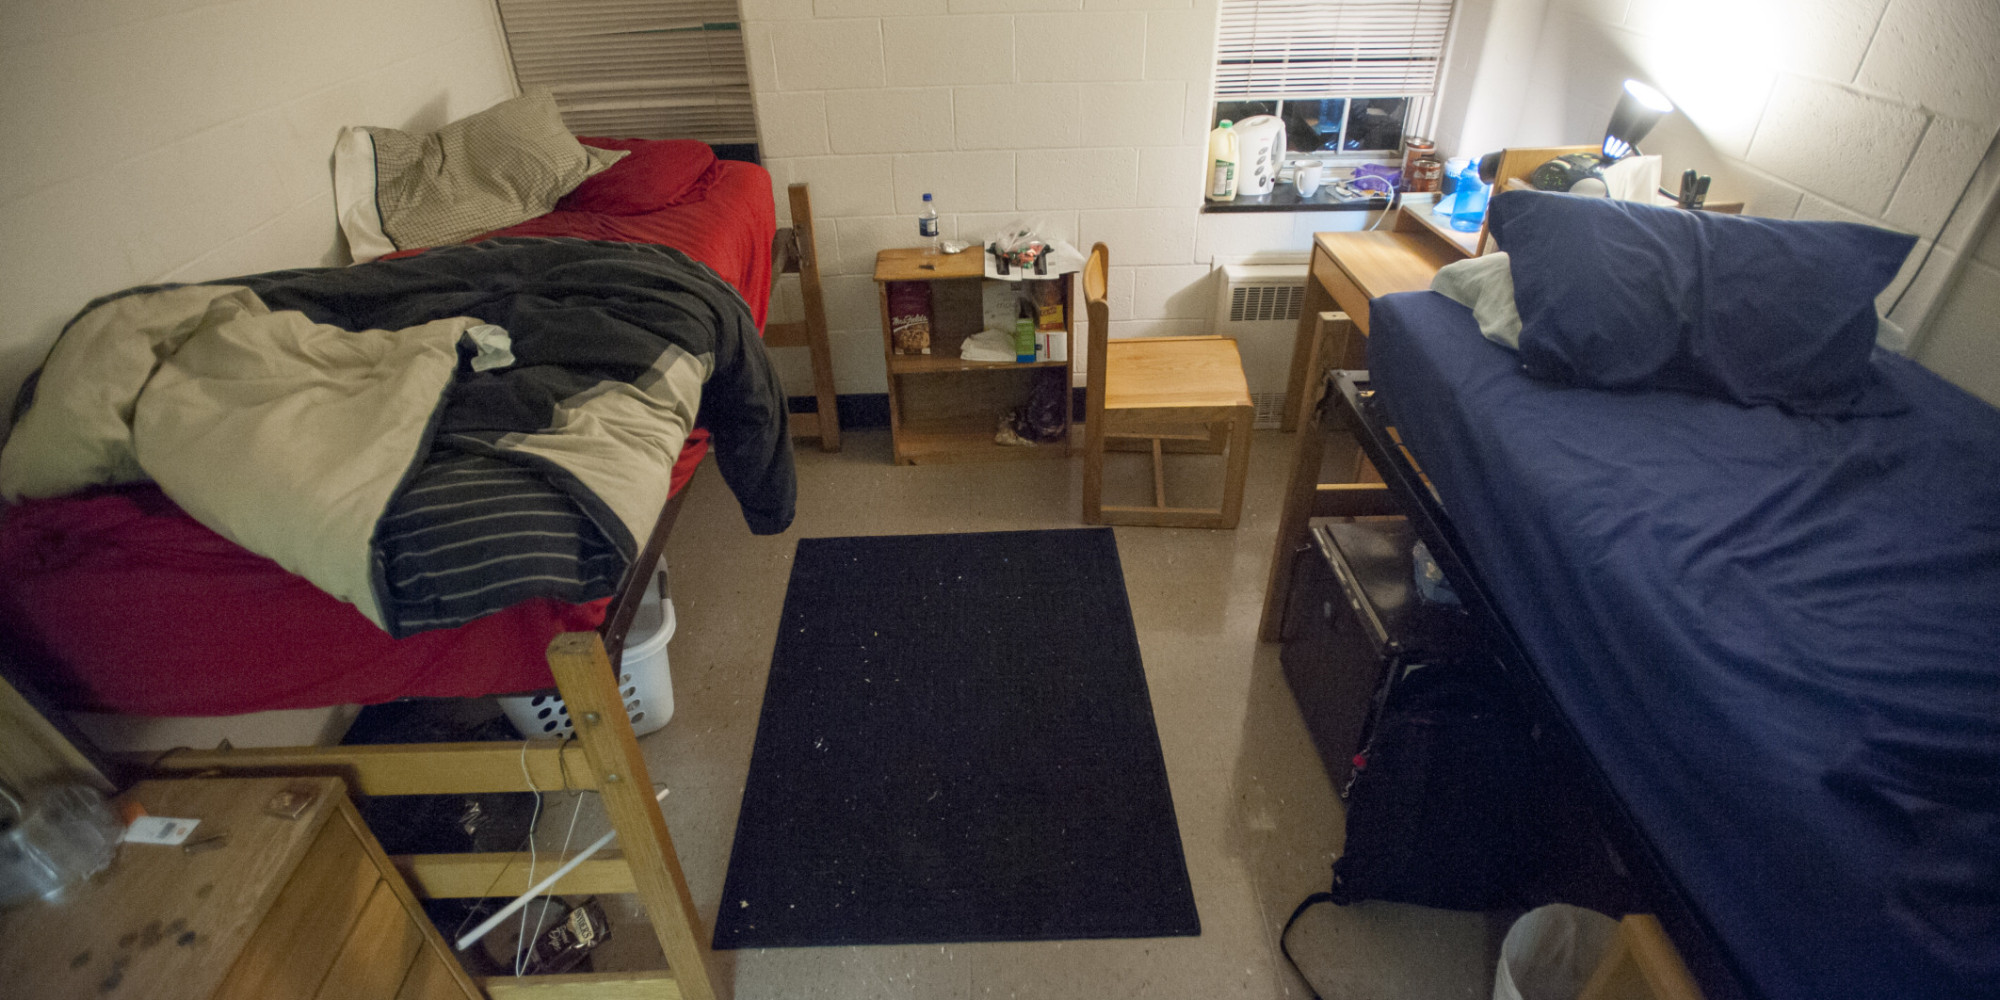 Секс студентов в общежитии, Русское порно в общаге - секс студентов в общежитии 21 фотография